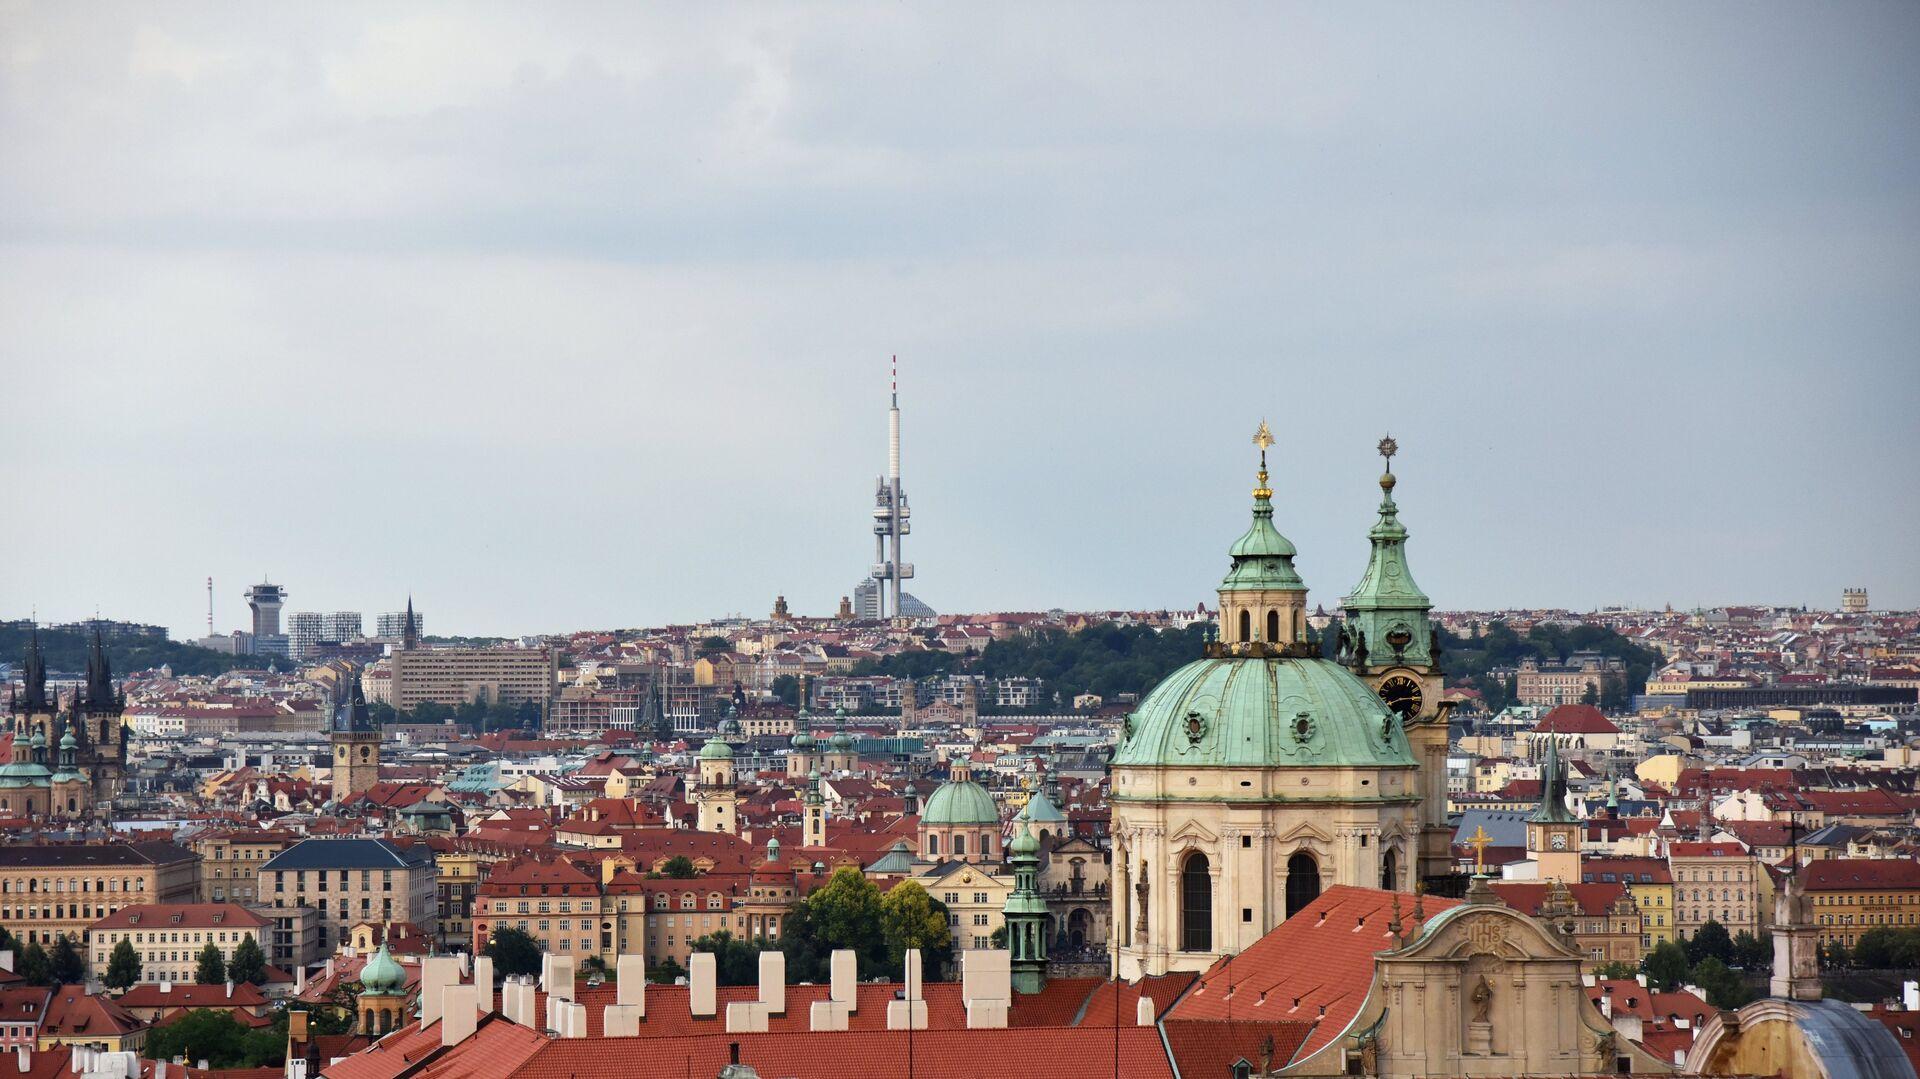 Костел святого Микулаша на Малой Стране в Праге - РИА Новости, 1920, 21.05.2021